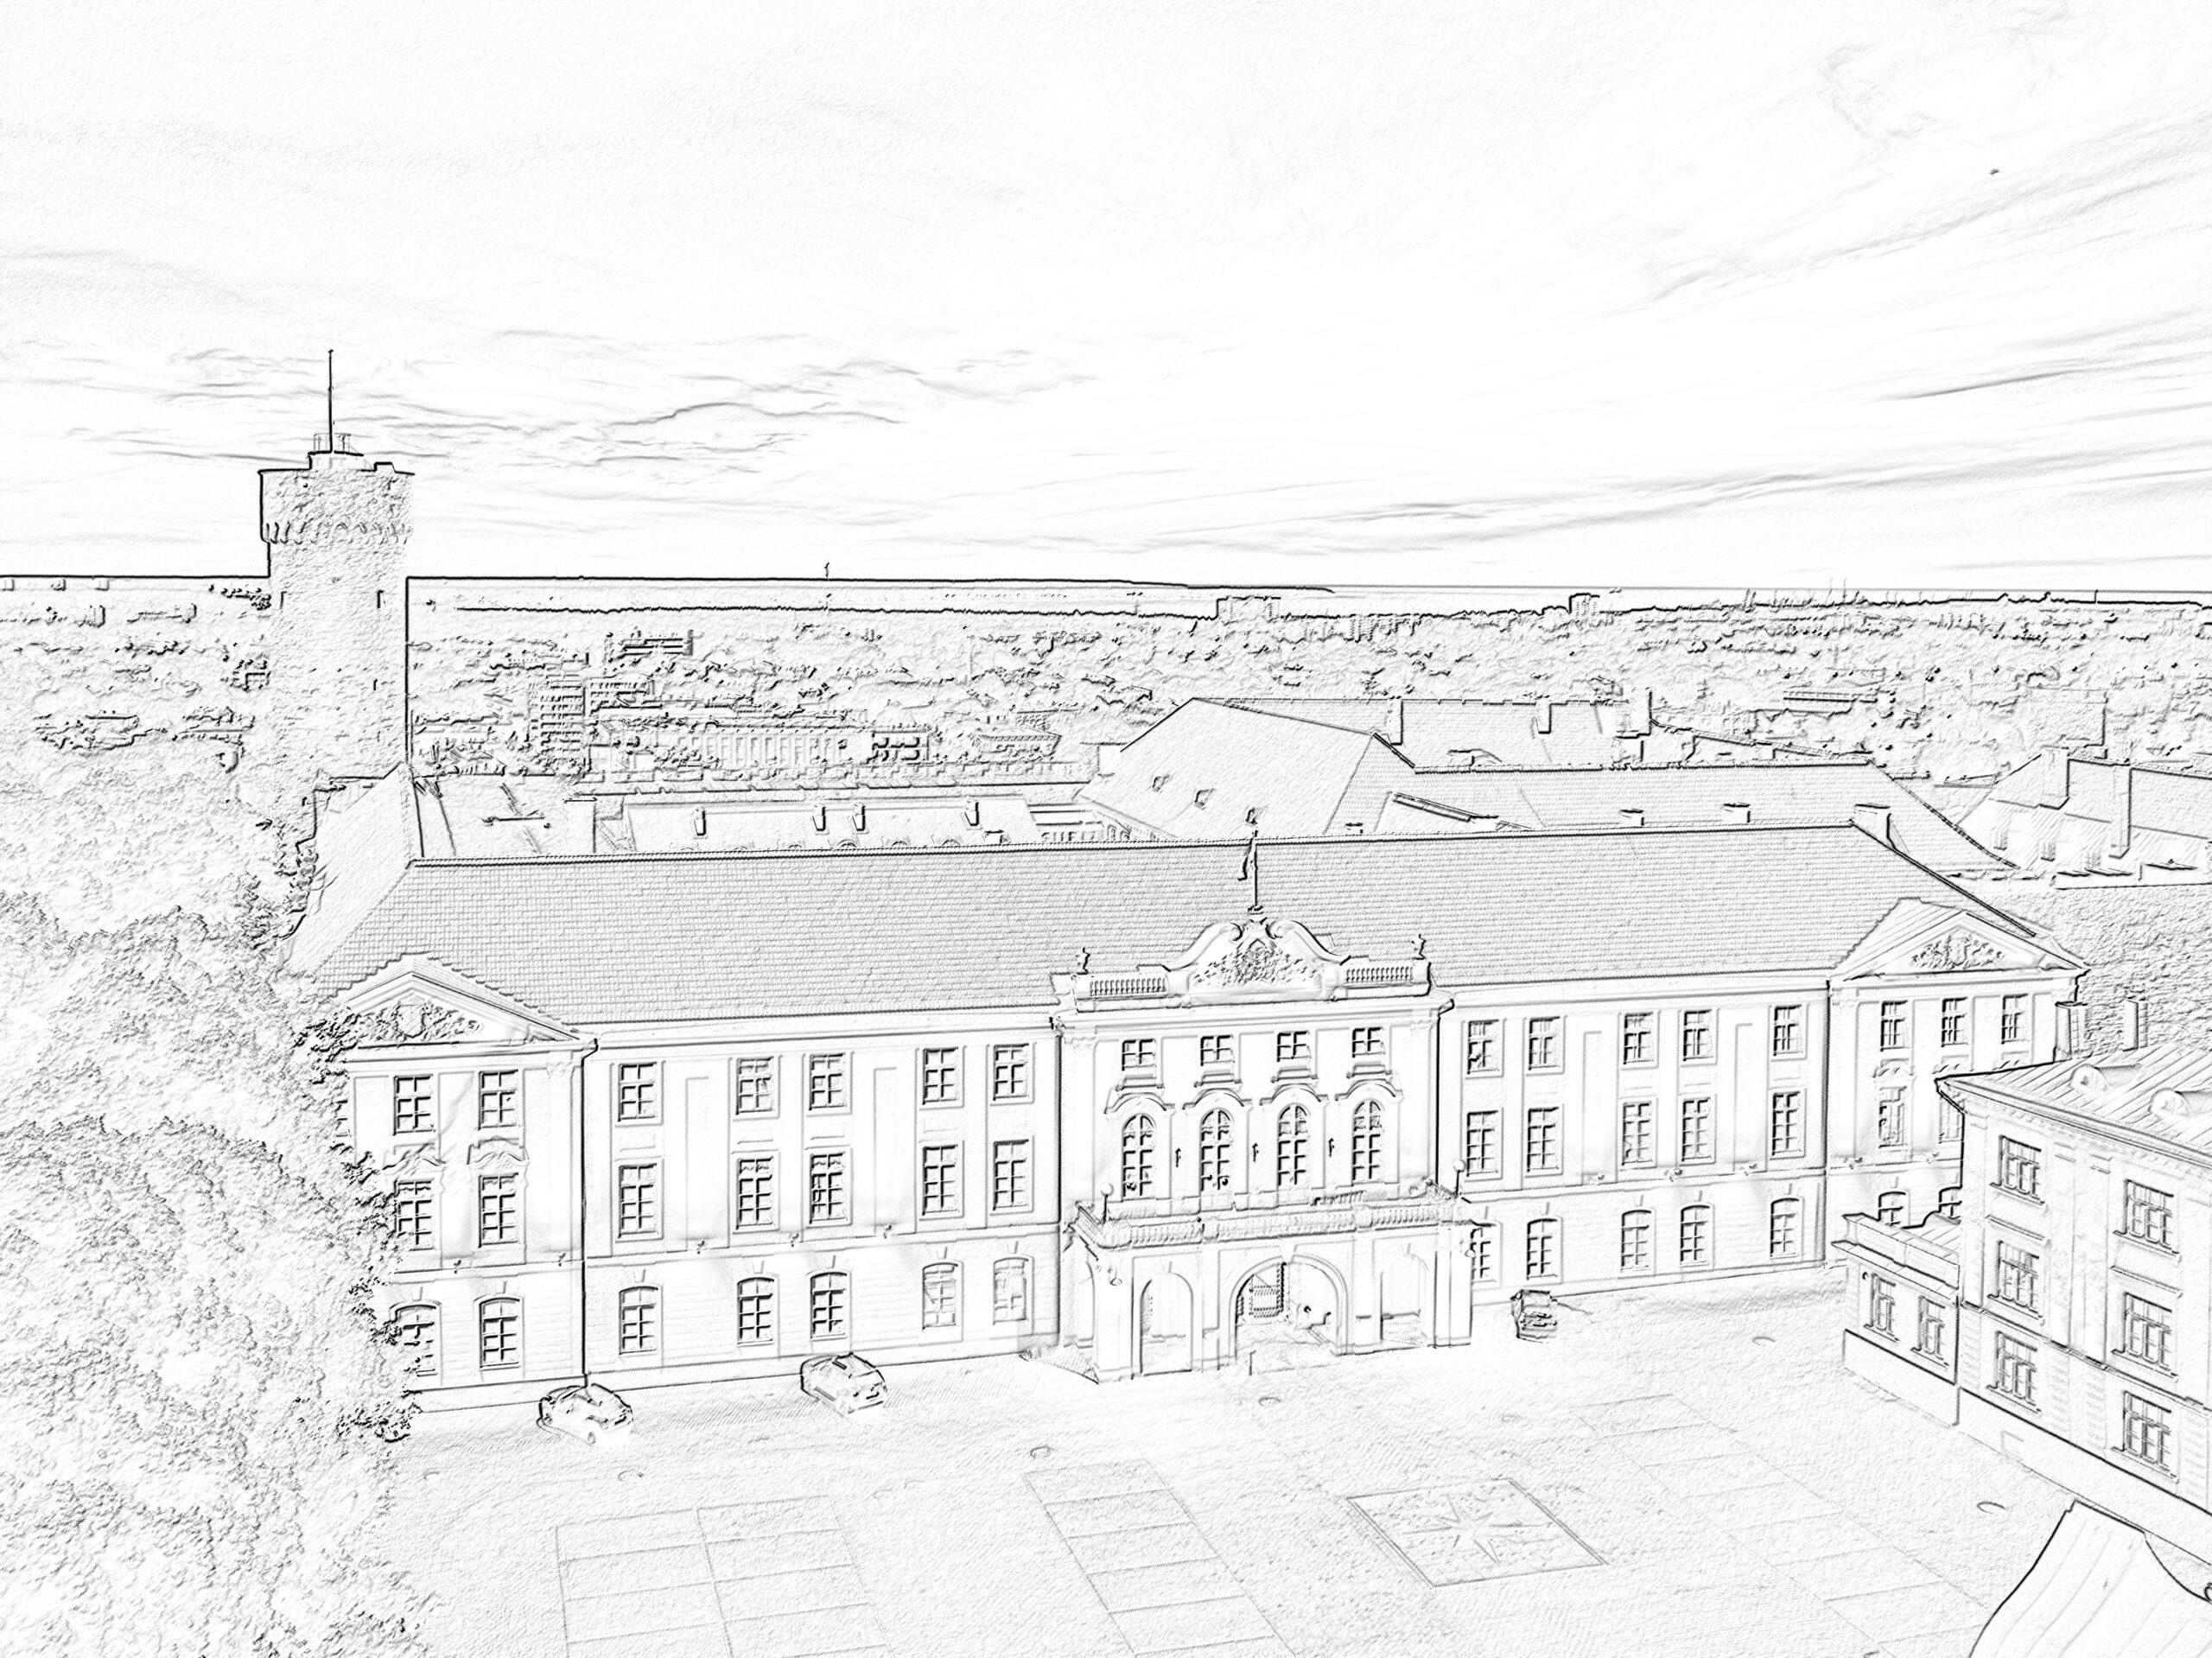 Arengud ja vastuolud Eesti poliitilisel maastikul 2011-2023 läbi tekstiliste suurandmete analüüsi